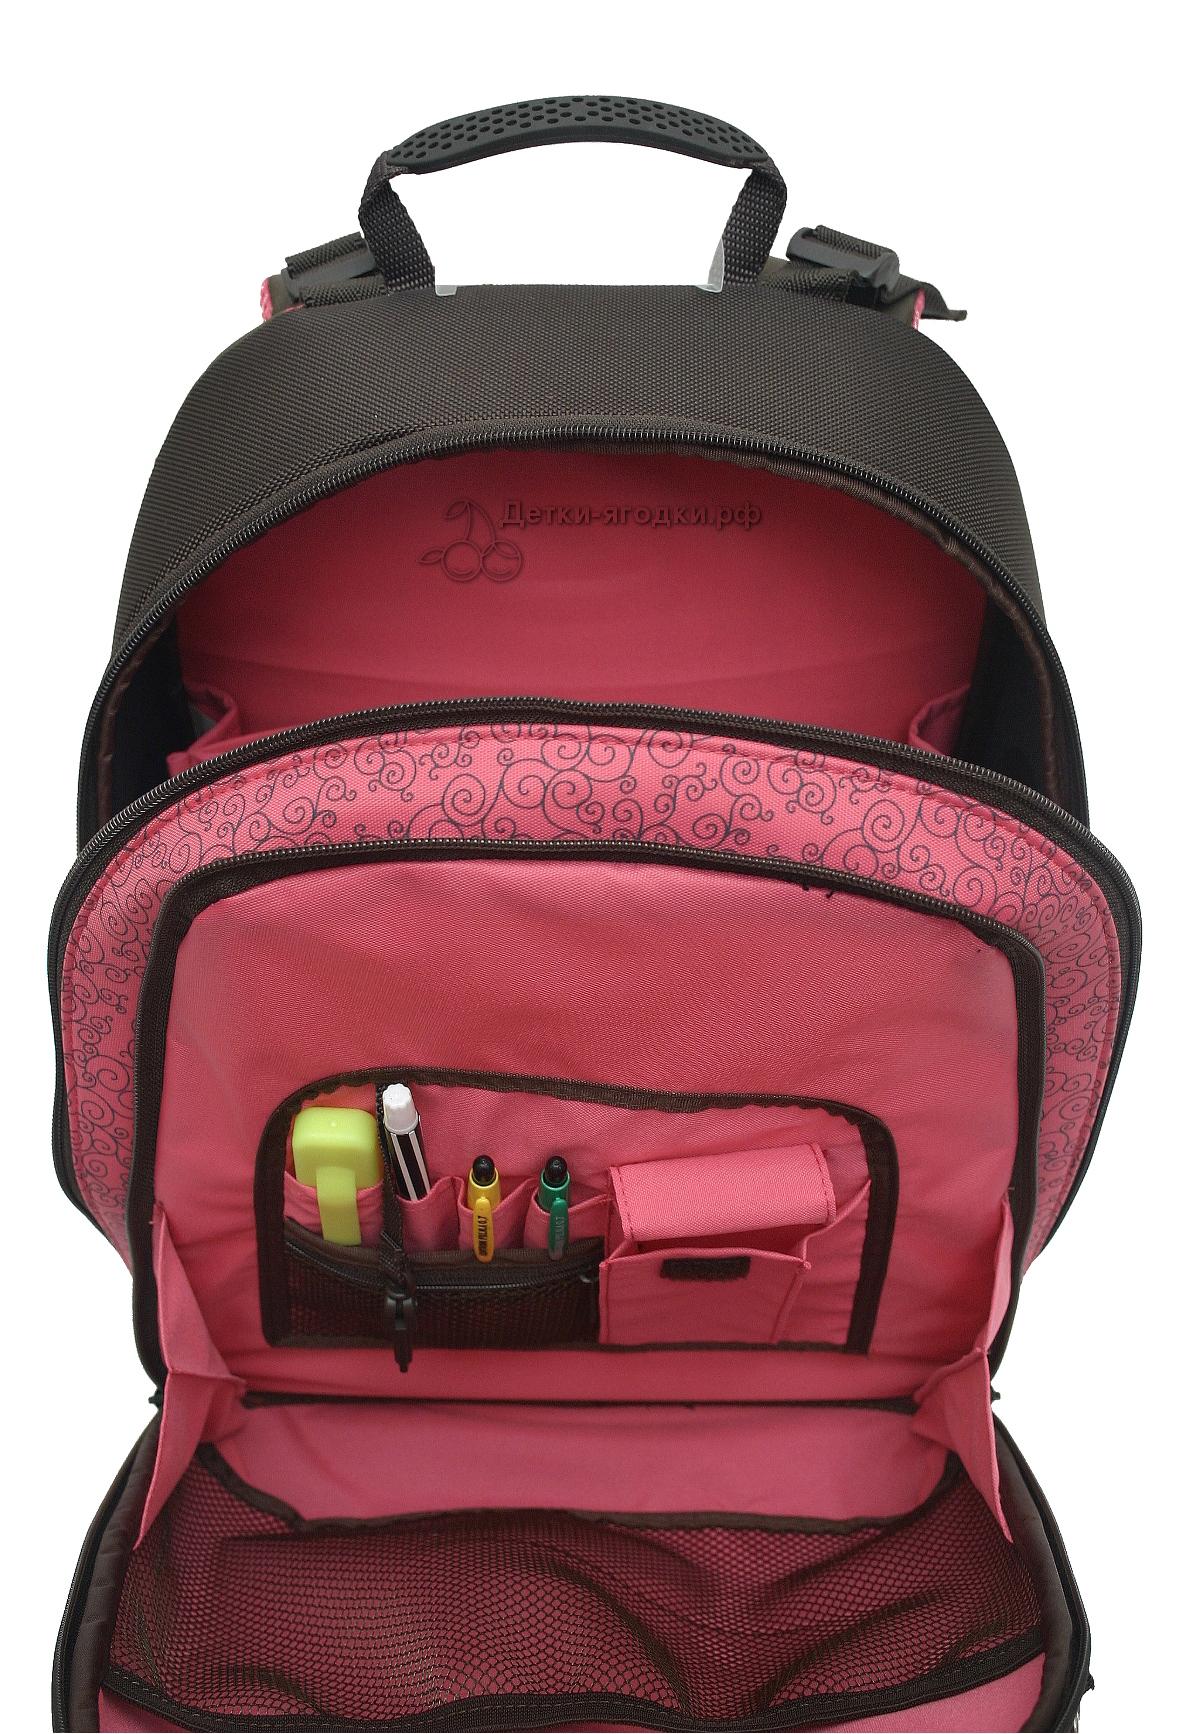 Школьный ранец Hummingbird T54 Teens официальный, - фото 5